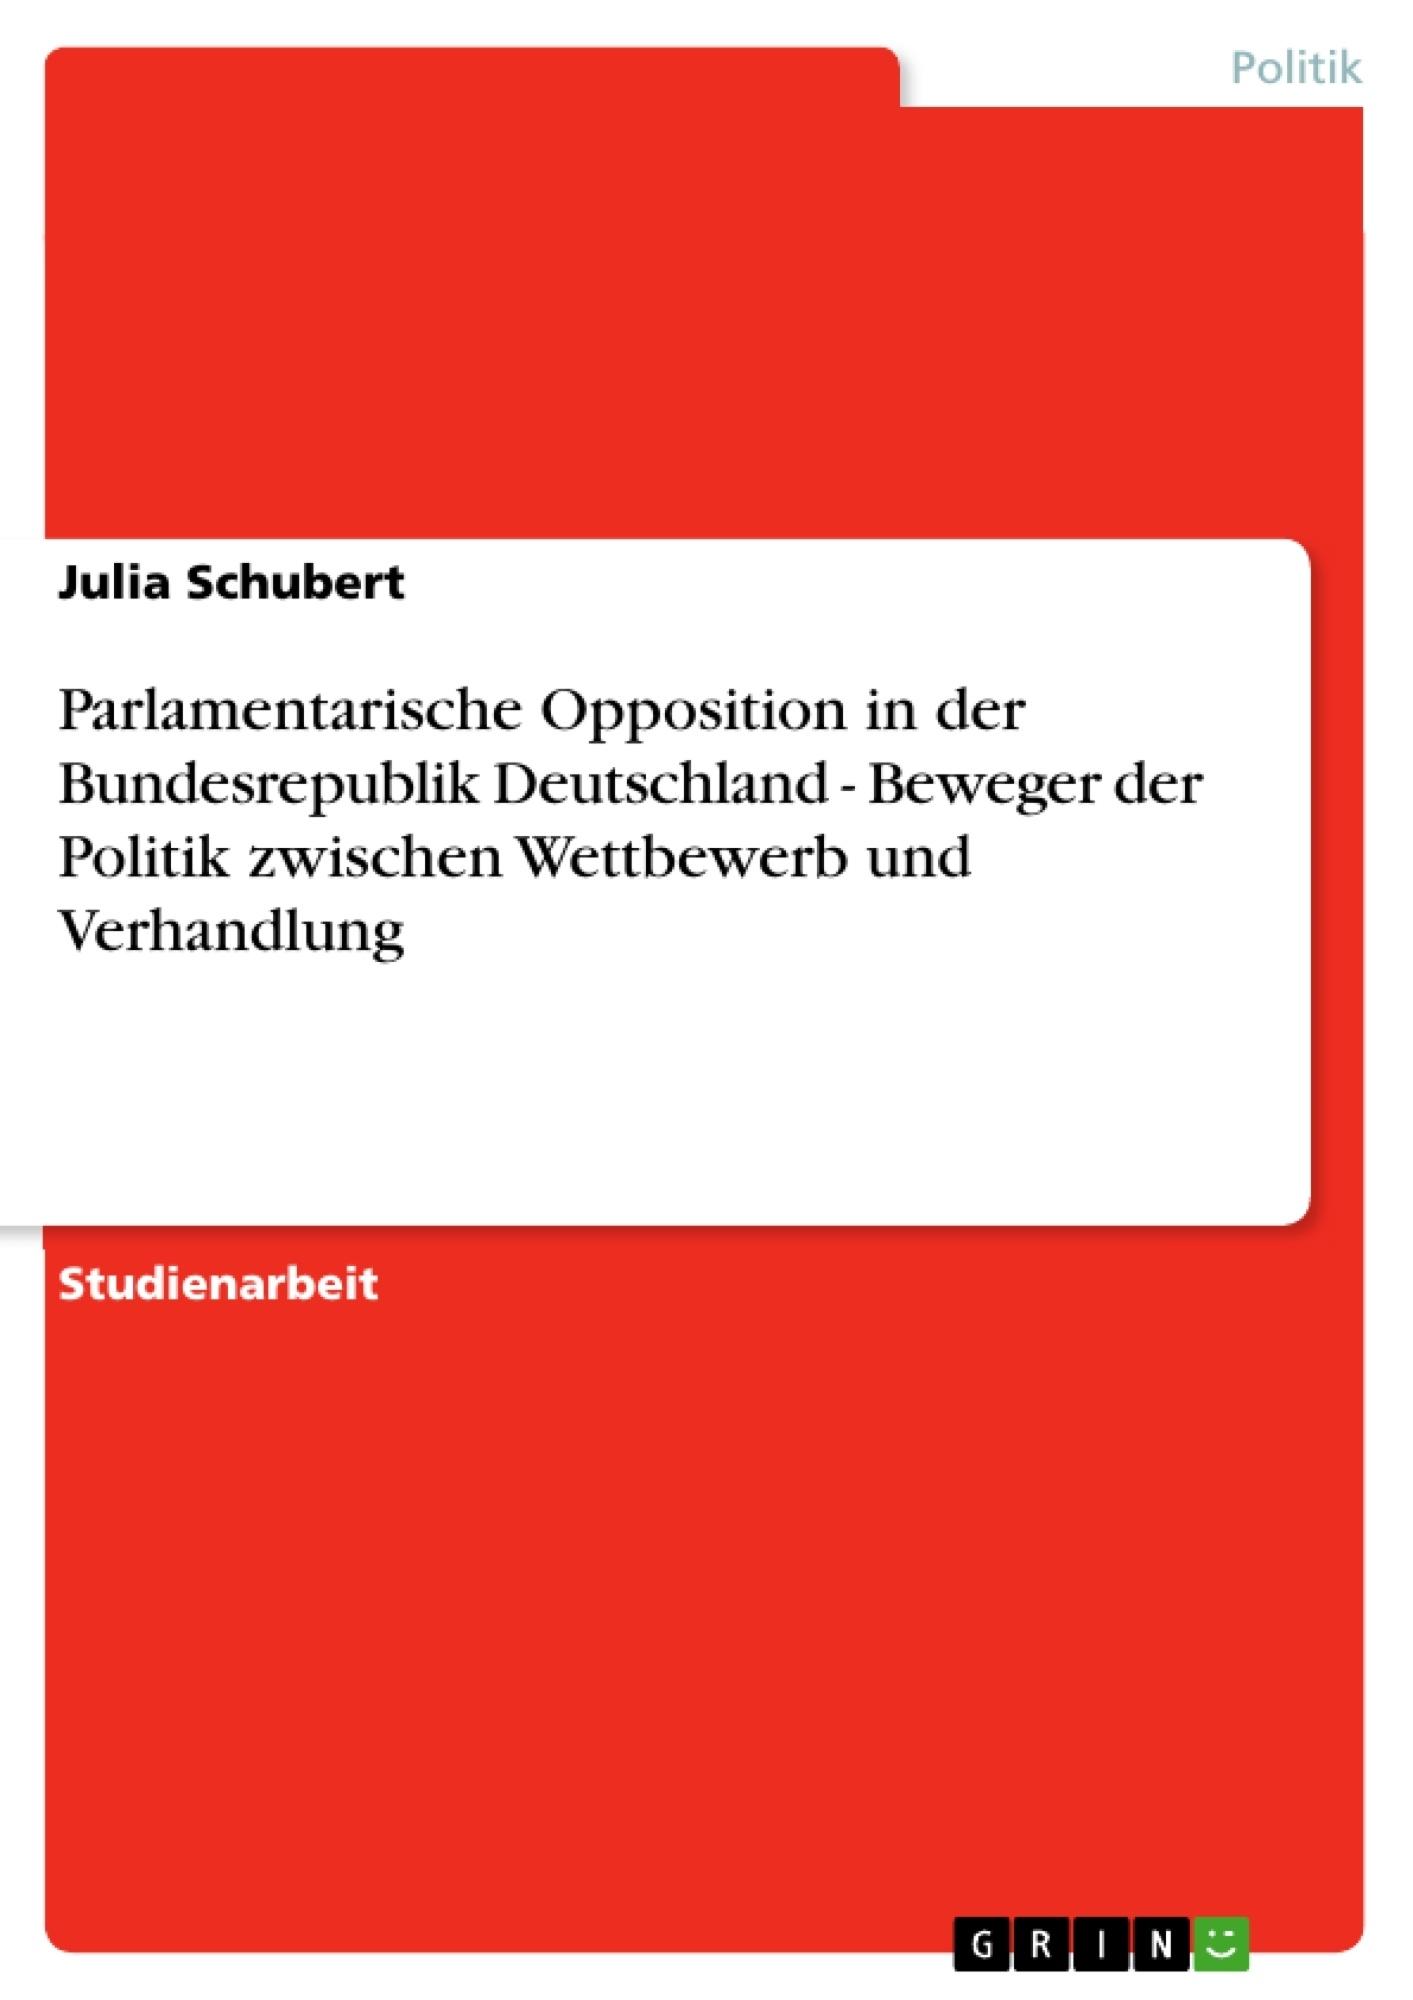 Titel: Parlamentarische Opposition in der Bundesrepublik Deutschland - Beweger der Politik zwischen Wettbewerb und Verhandlung